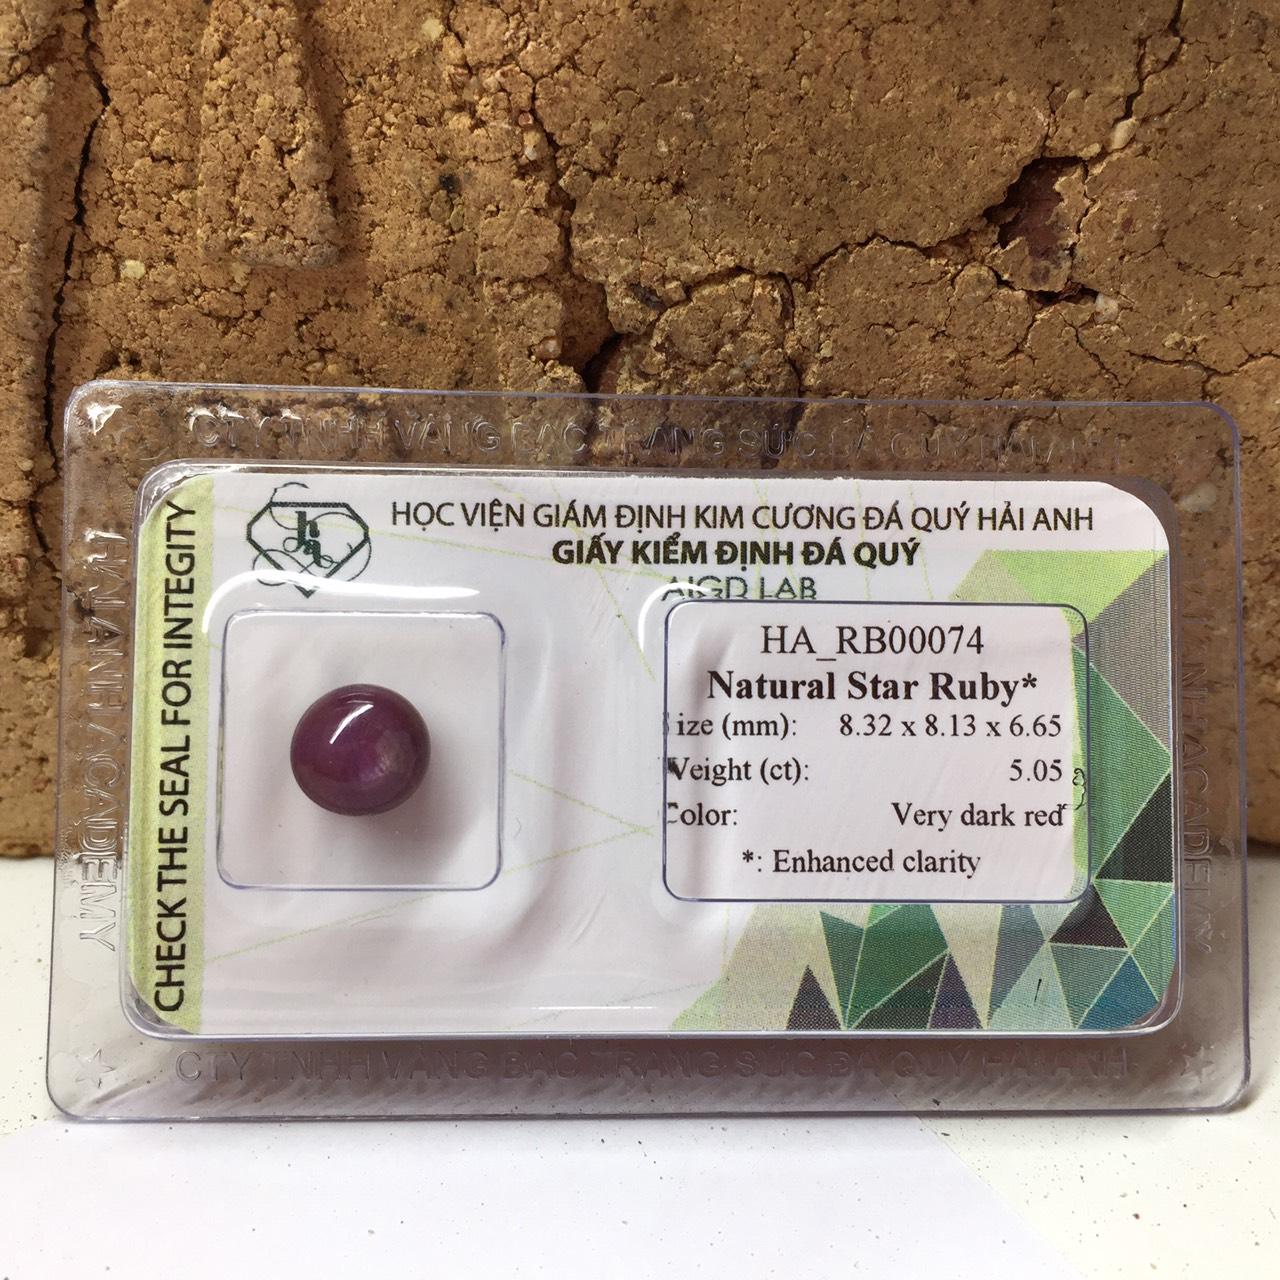 Viên đá Ruby sao thiên nhiên_HA-RB00074